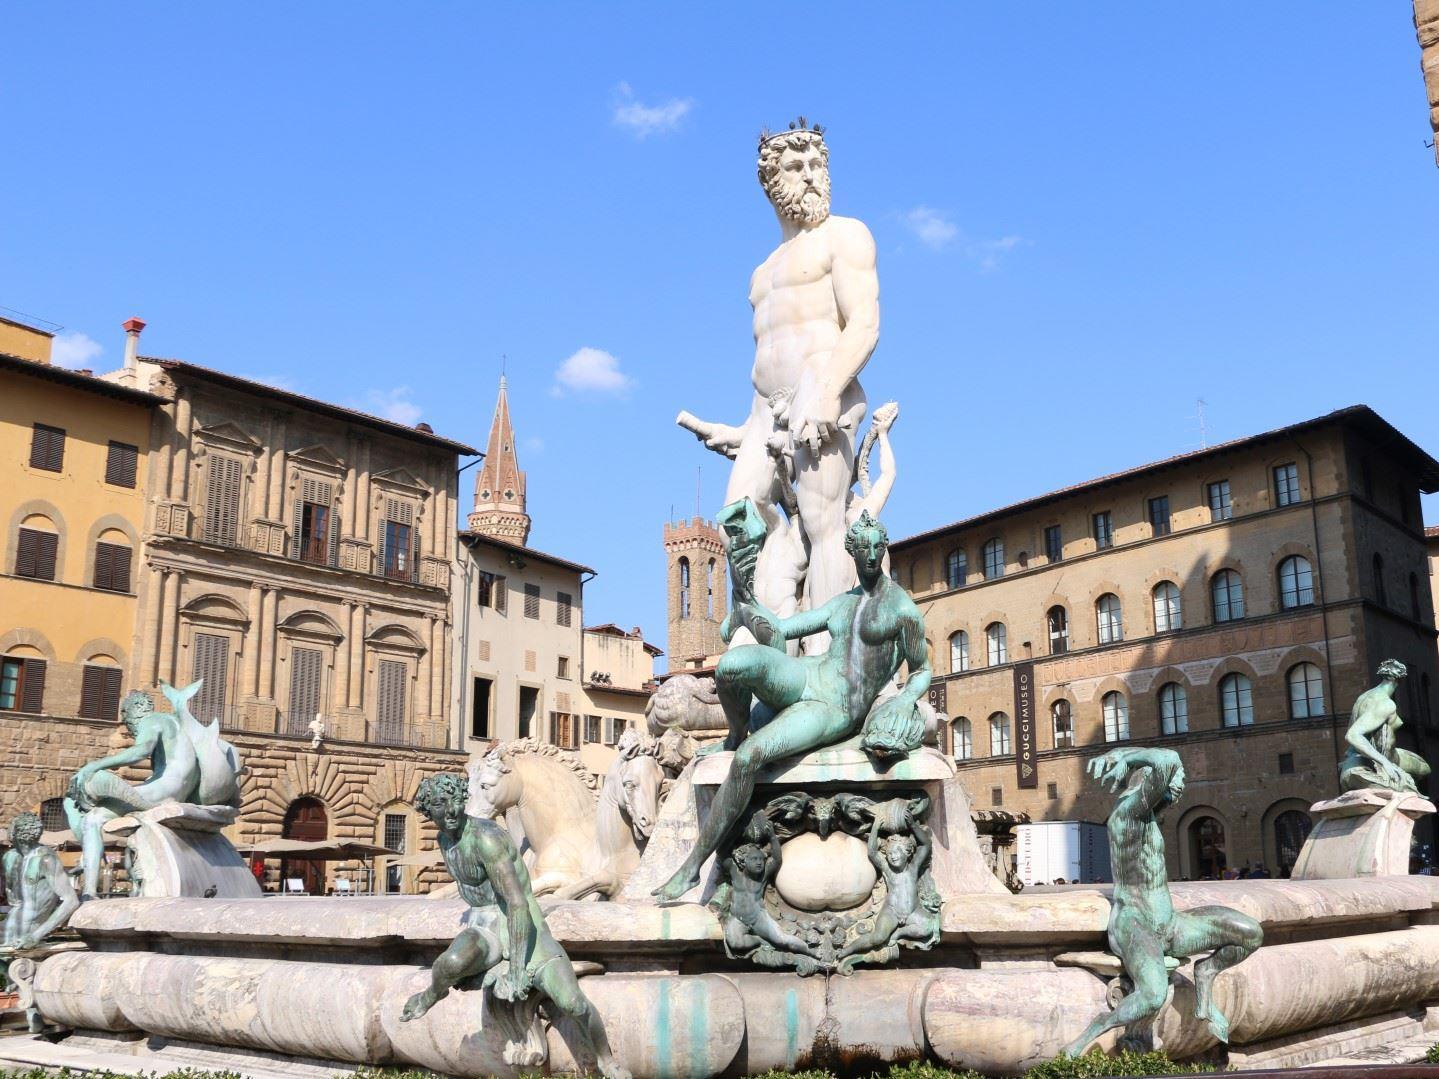 Ara Tatil Espresso İtalya Turu Pegasus İle 2020 Nisan (Venedik gidiş, Roma dönüş)